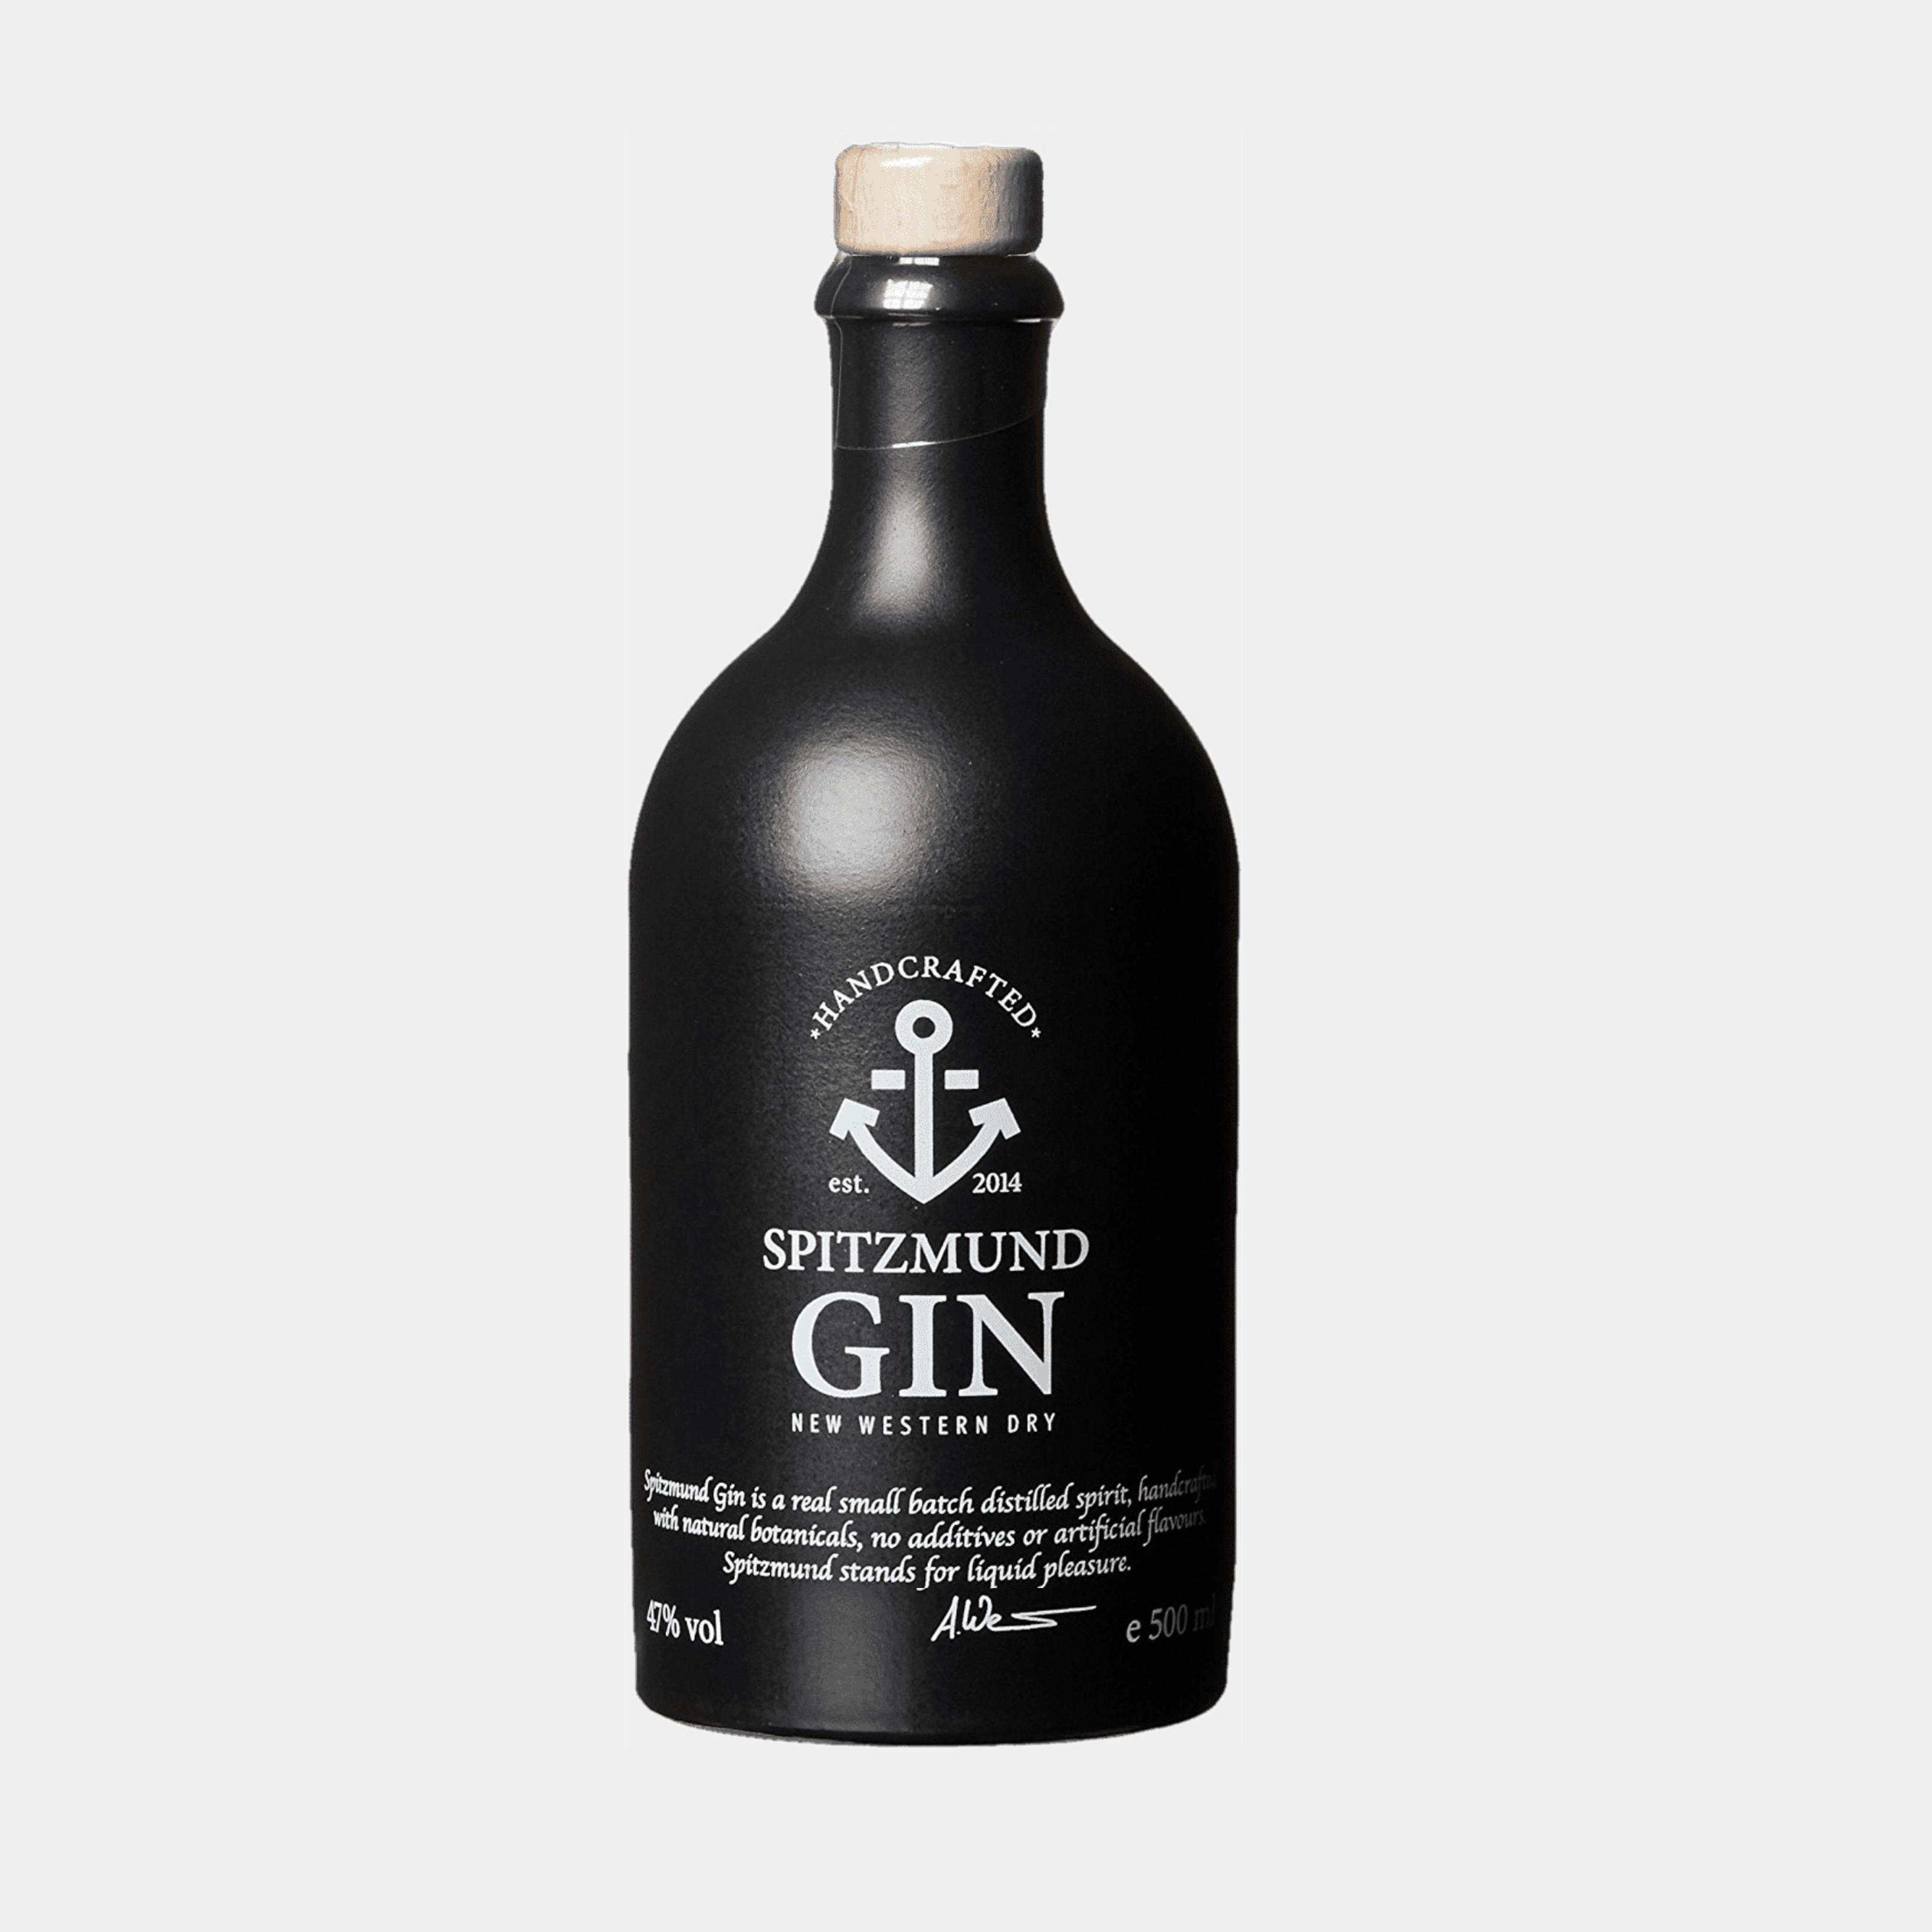 Spitzmund Gin 0.5L 47% Alk.